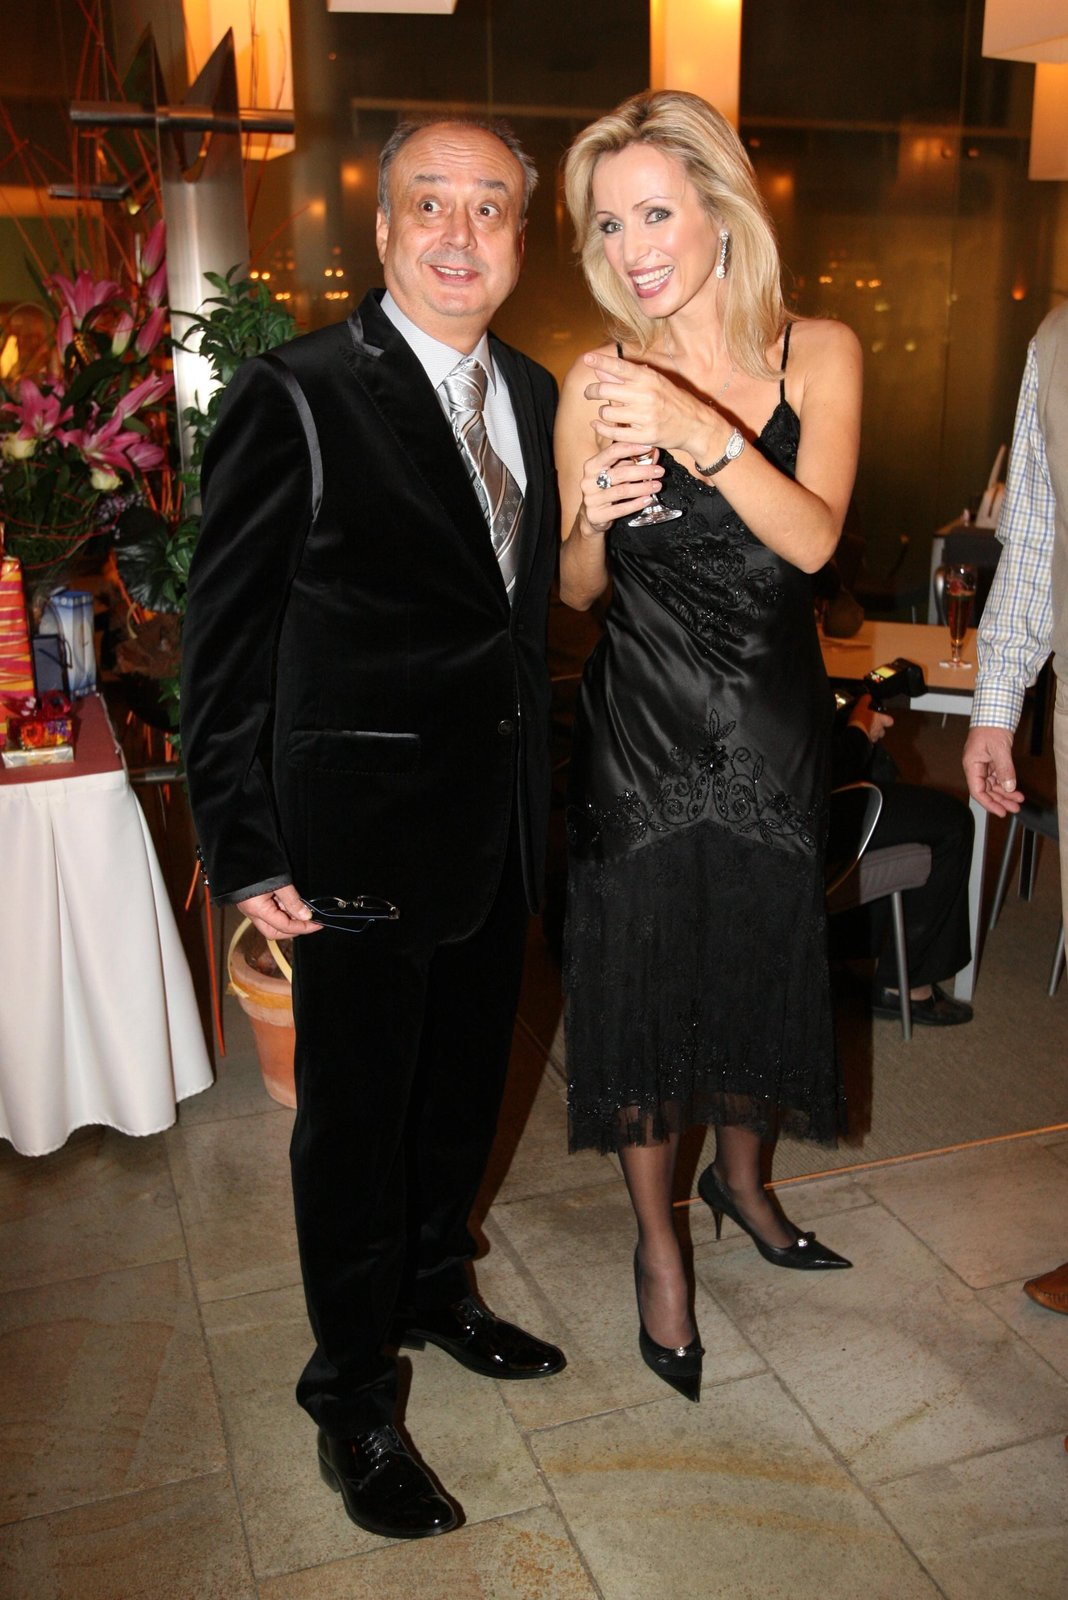 Zesnulý podnikatel a mecenáš Peter Kovarčík v době, kdy žil s Kateřinou Brožovou.